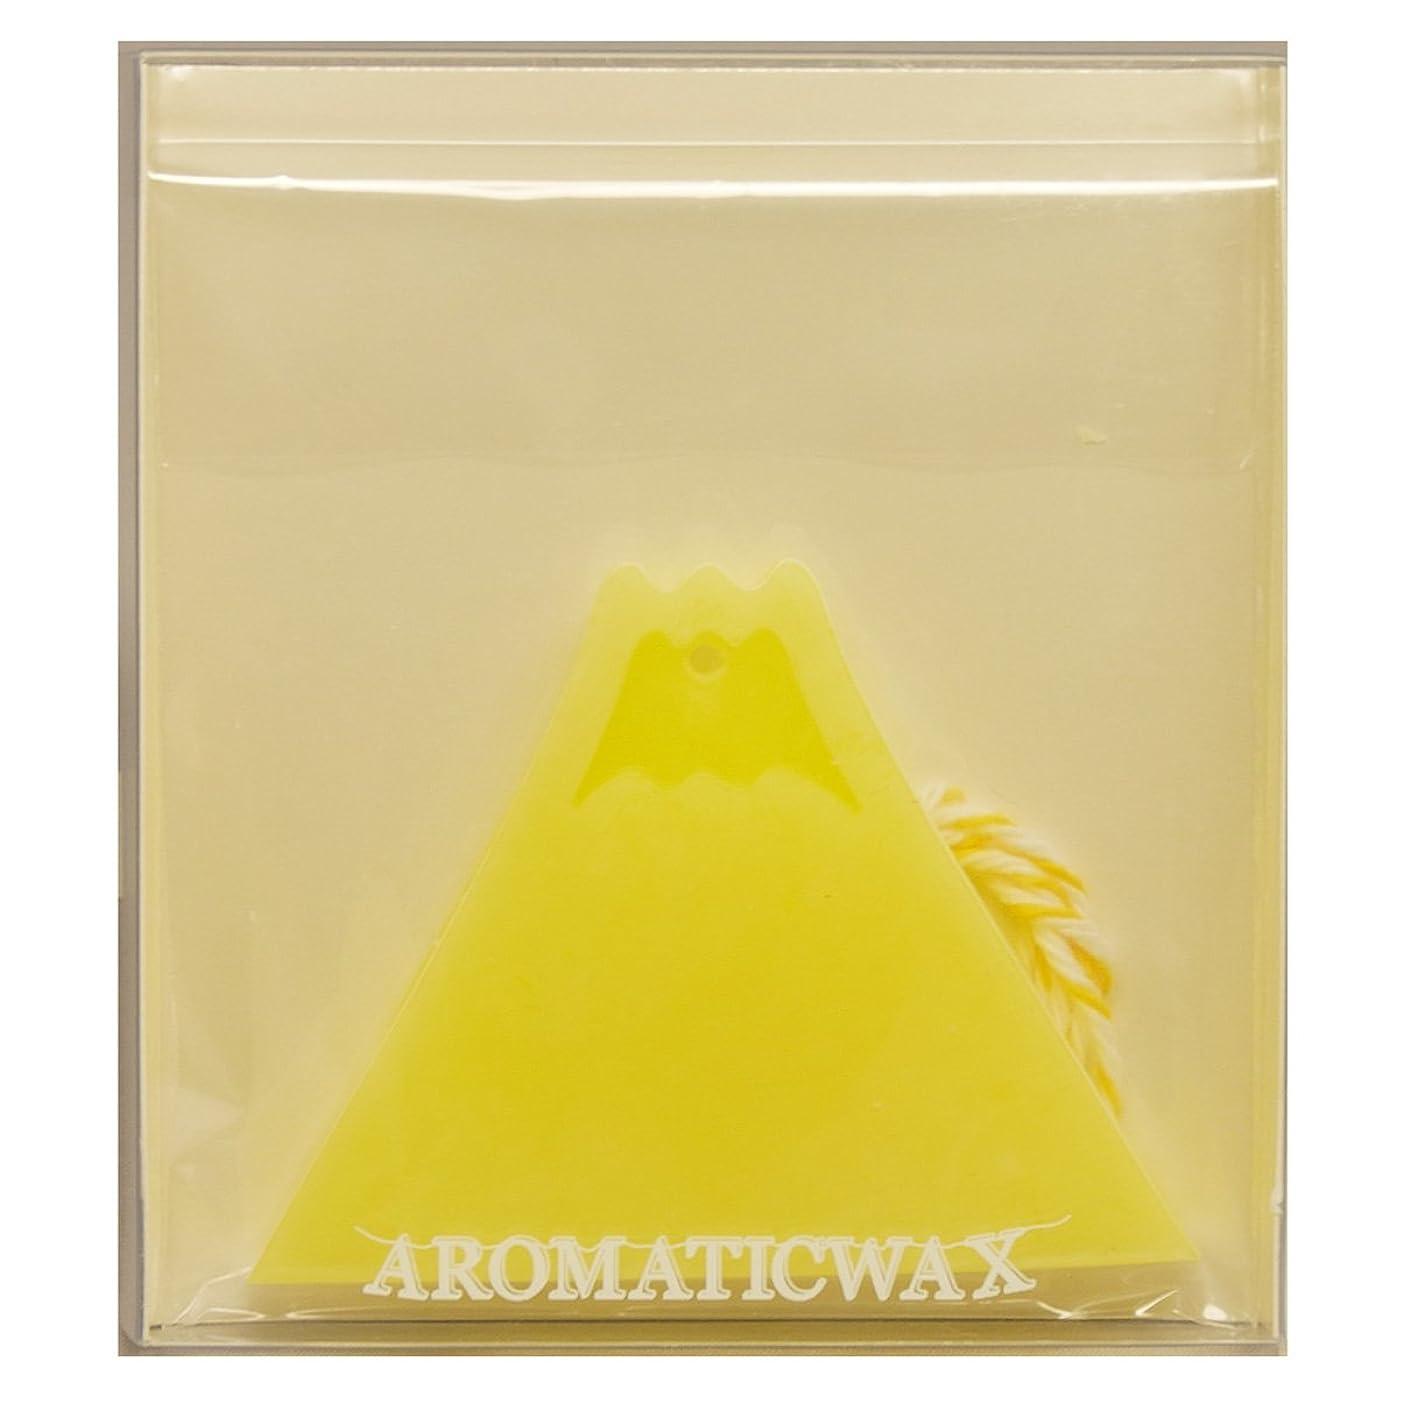 トマトしがみつく劇作家GRASSE TOKYO AROMATICWAXチャーム「富士山」(YE) ベルガモット アロマティックワックス グラーストウキョウ